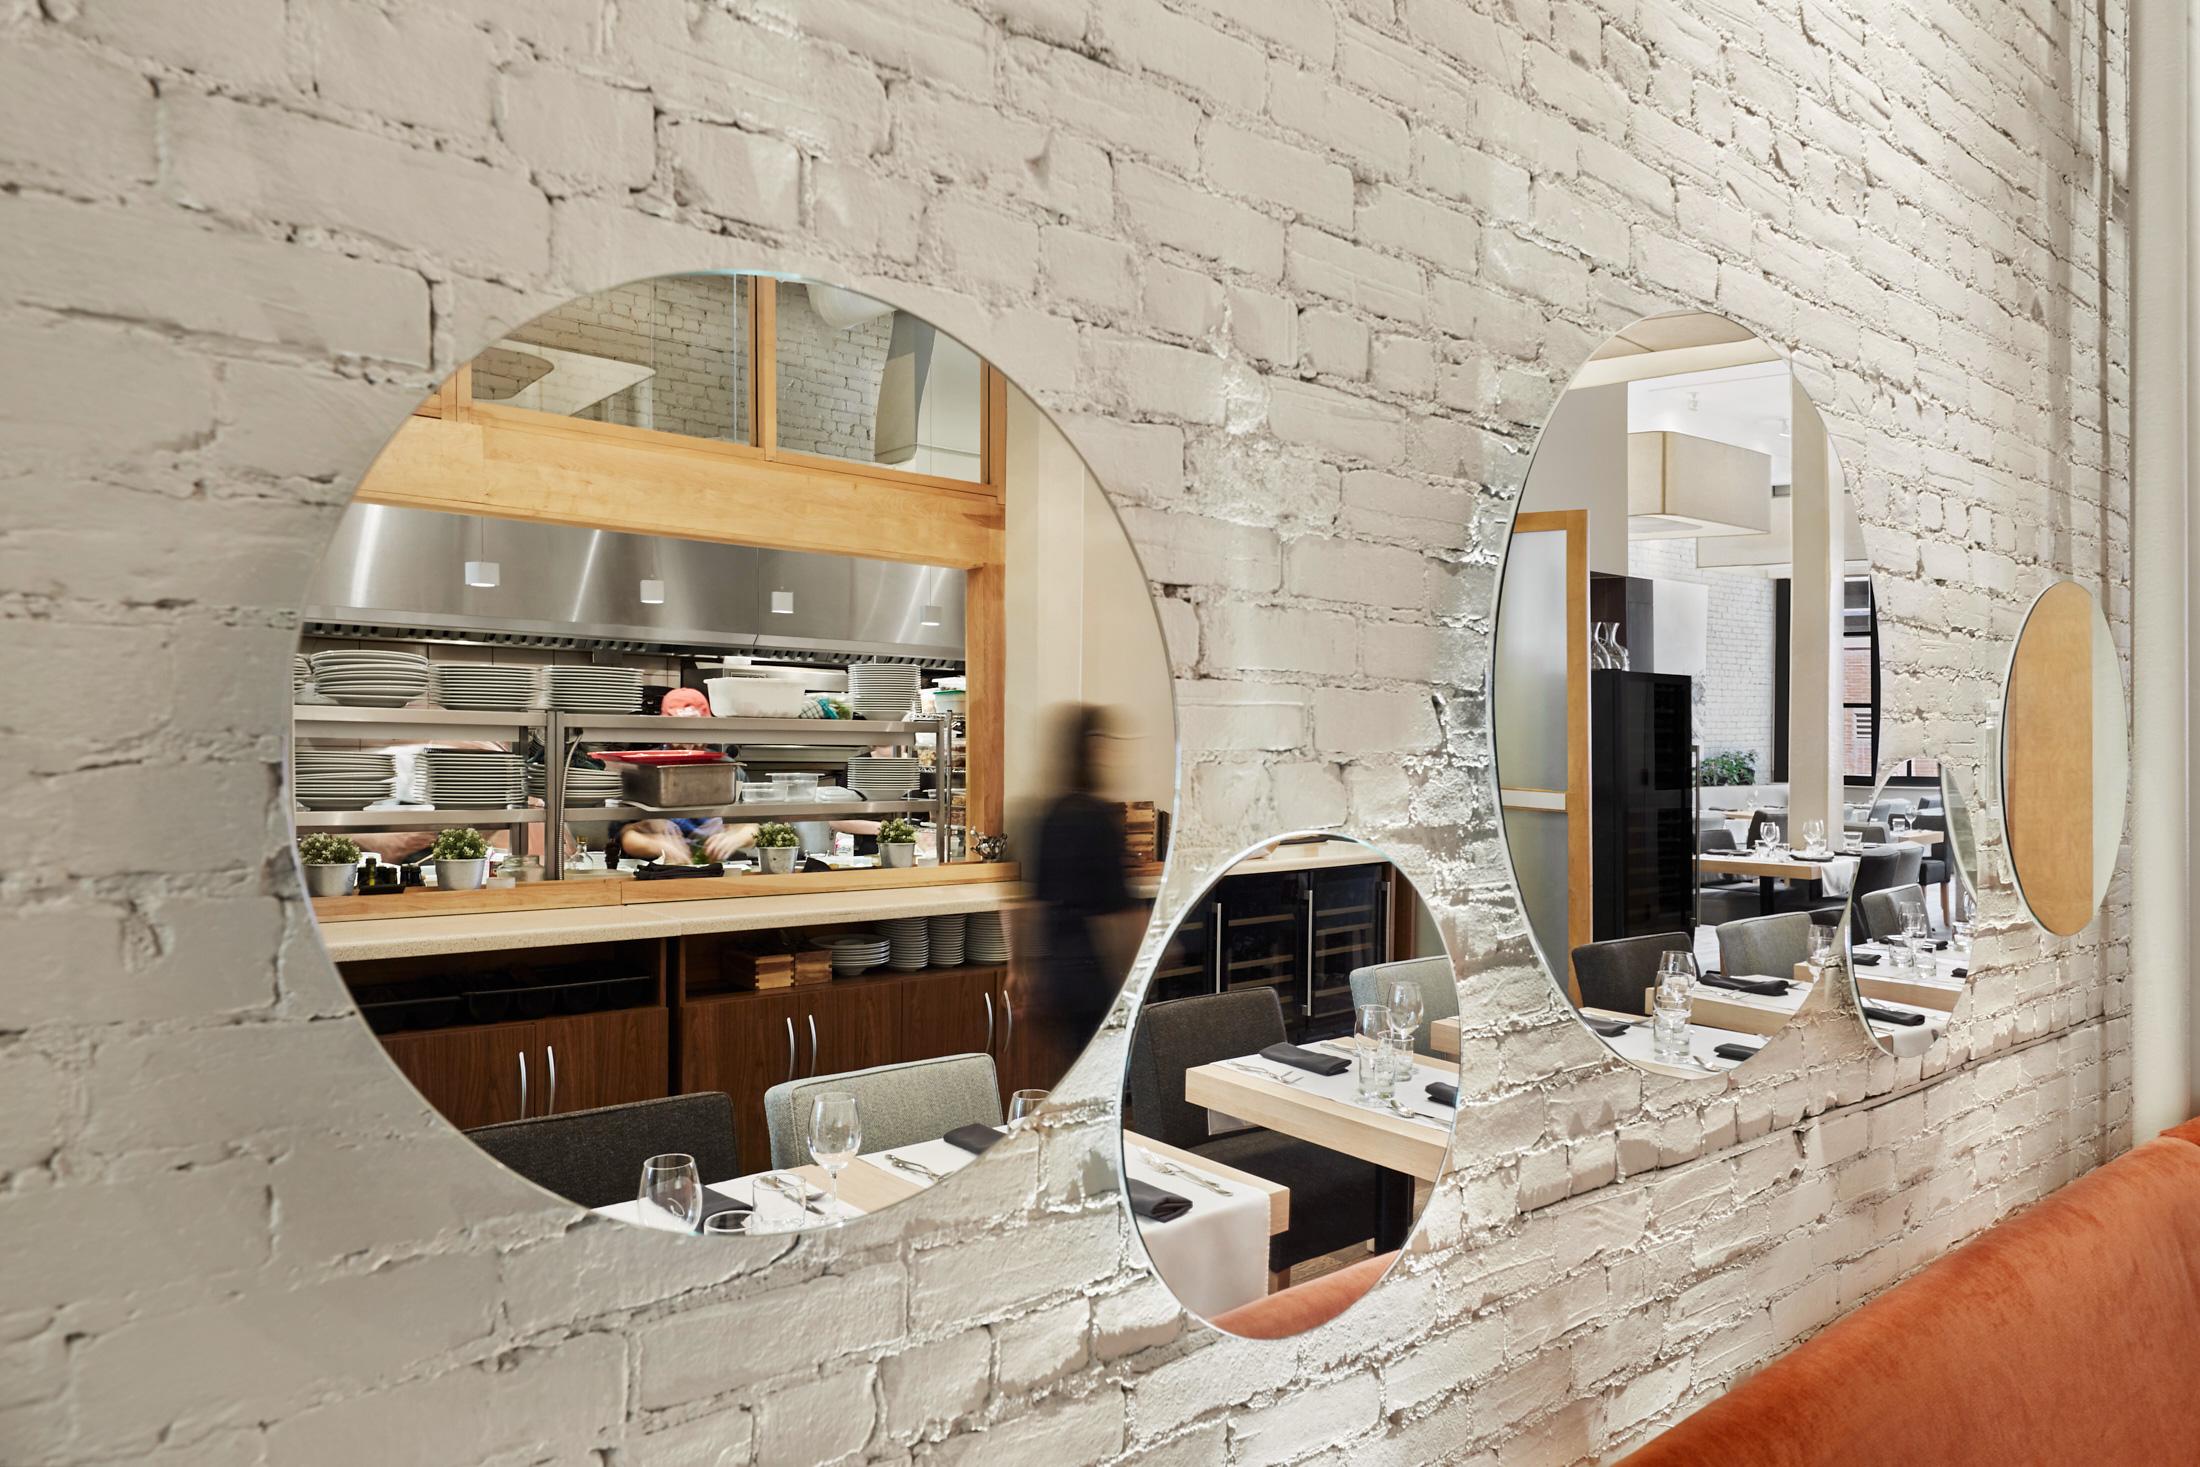 decoration restaurant miroirs mur brique